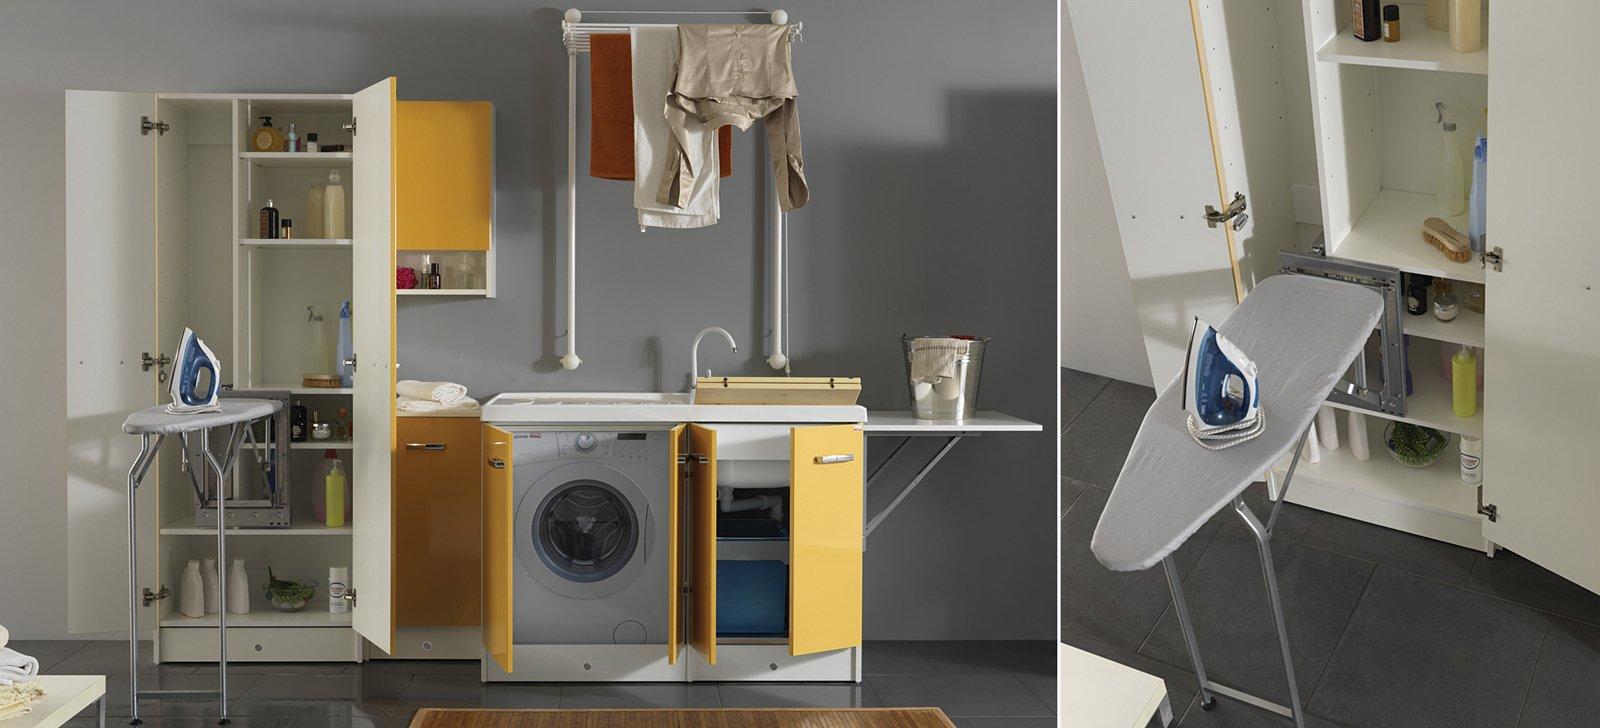 Lavanderia stireria tutto quel che serve cose di casa for Immagini mobili